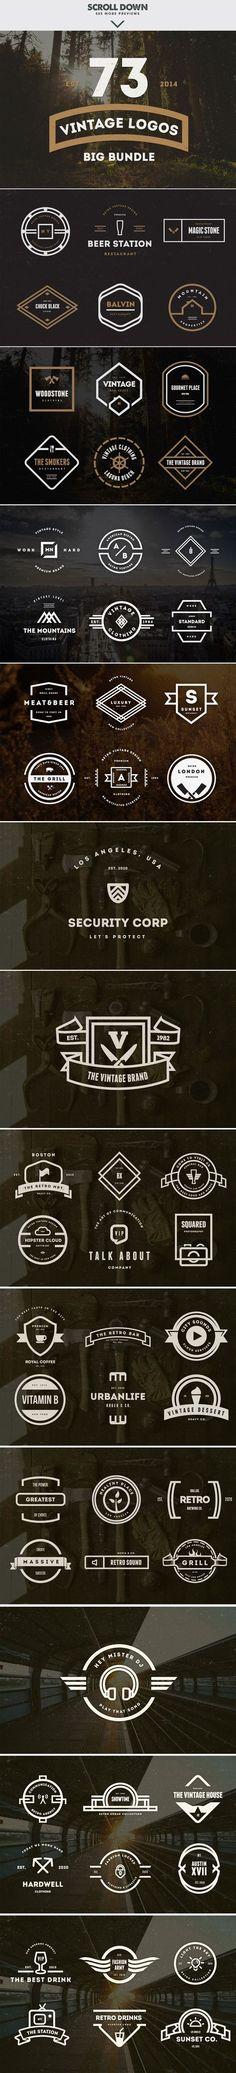 MASSIVE BUNDLE 576 Vintage Logos by DesignDistrict on Creative Market: